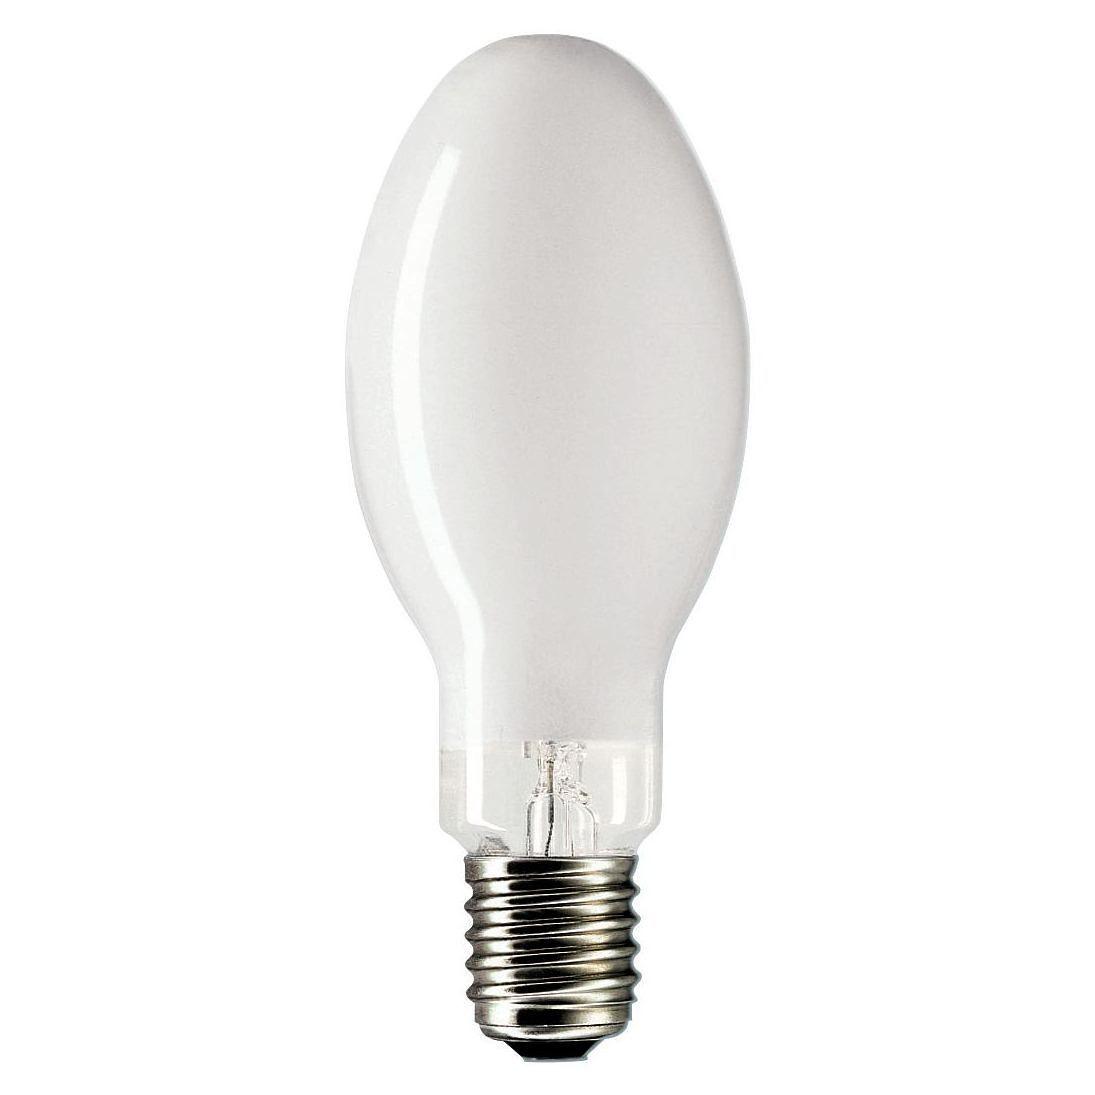 Купить Лампа ртутная Philips ML 500W E40 225-235V HG 1SL/6 прямого включения